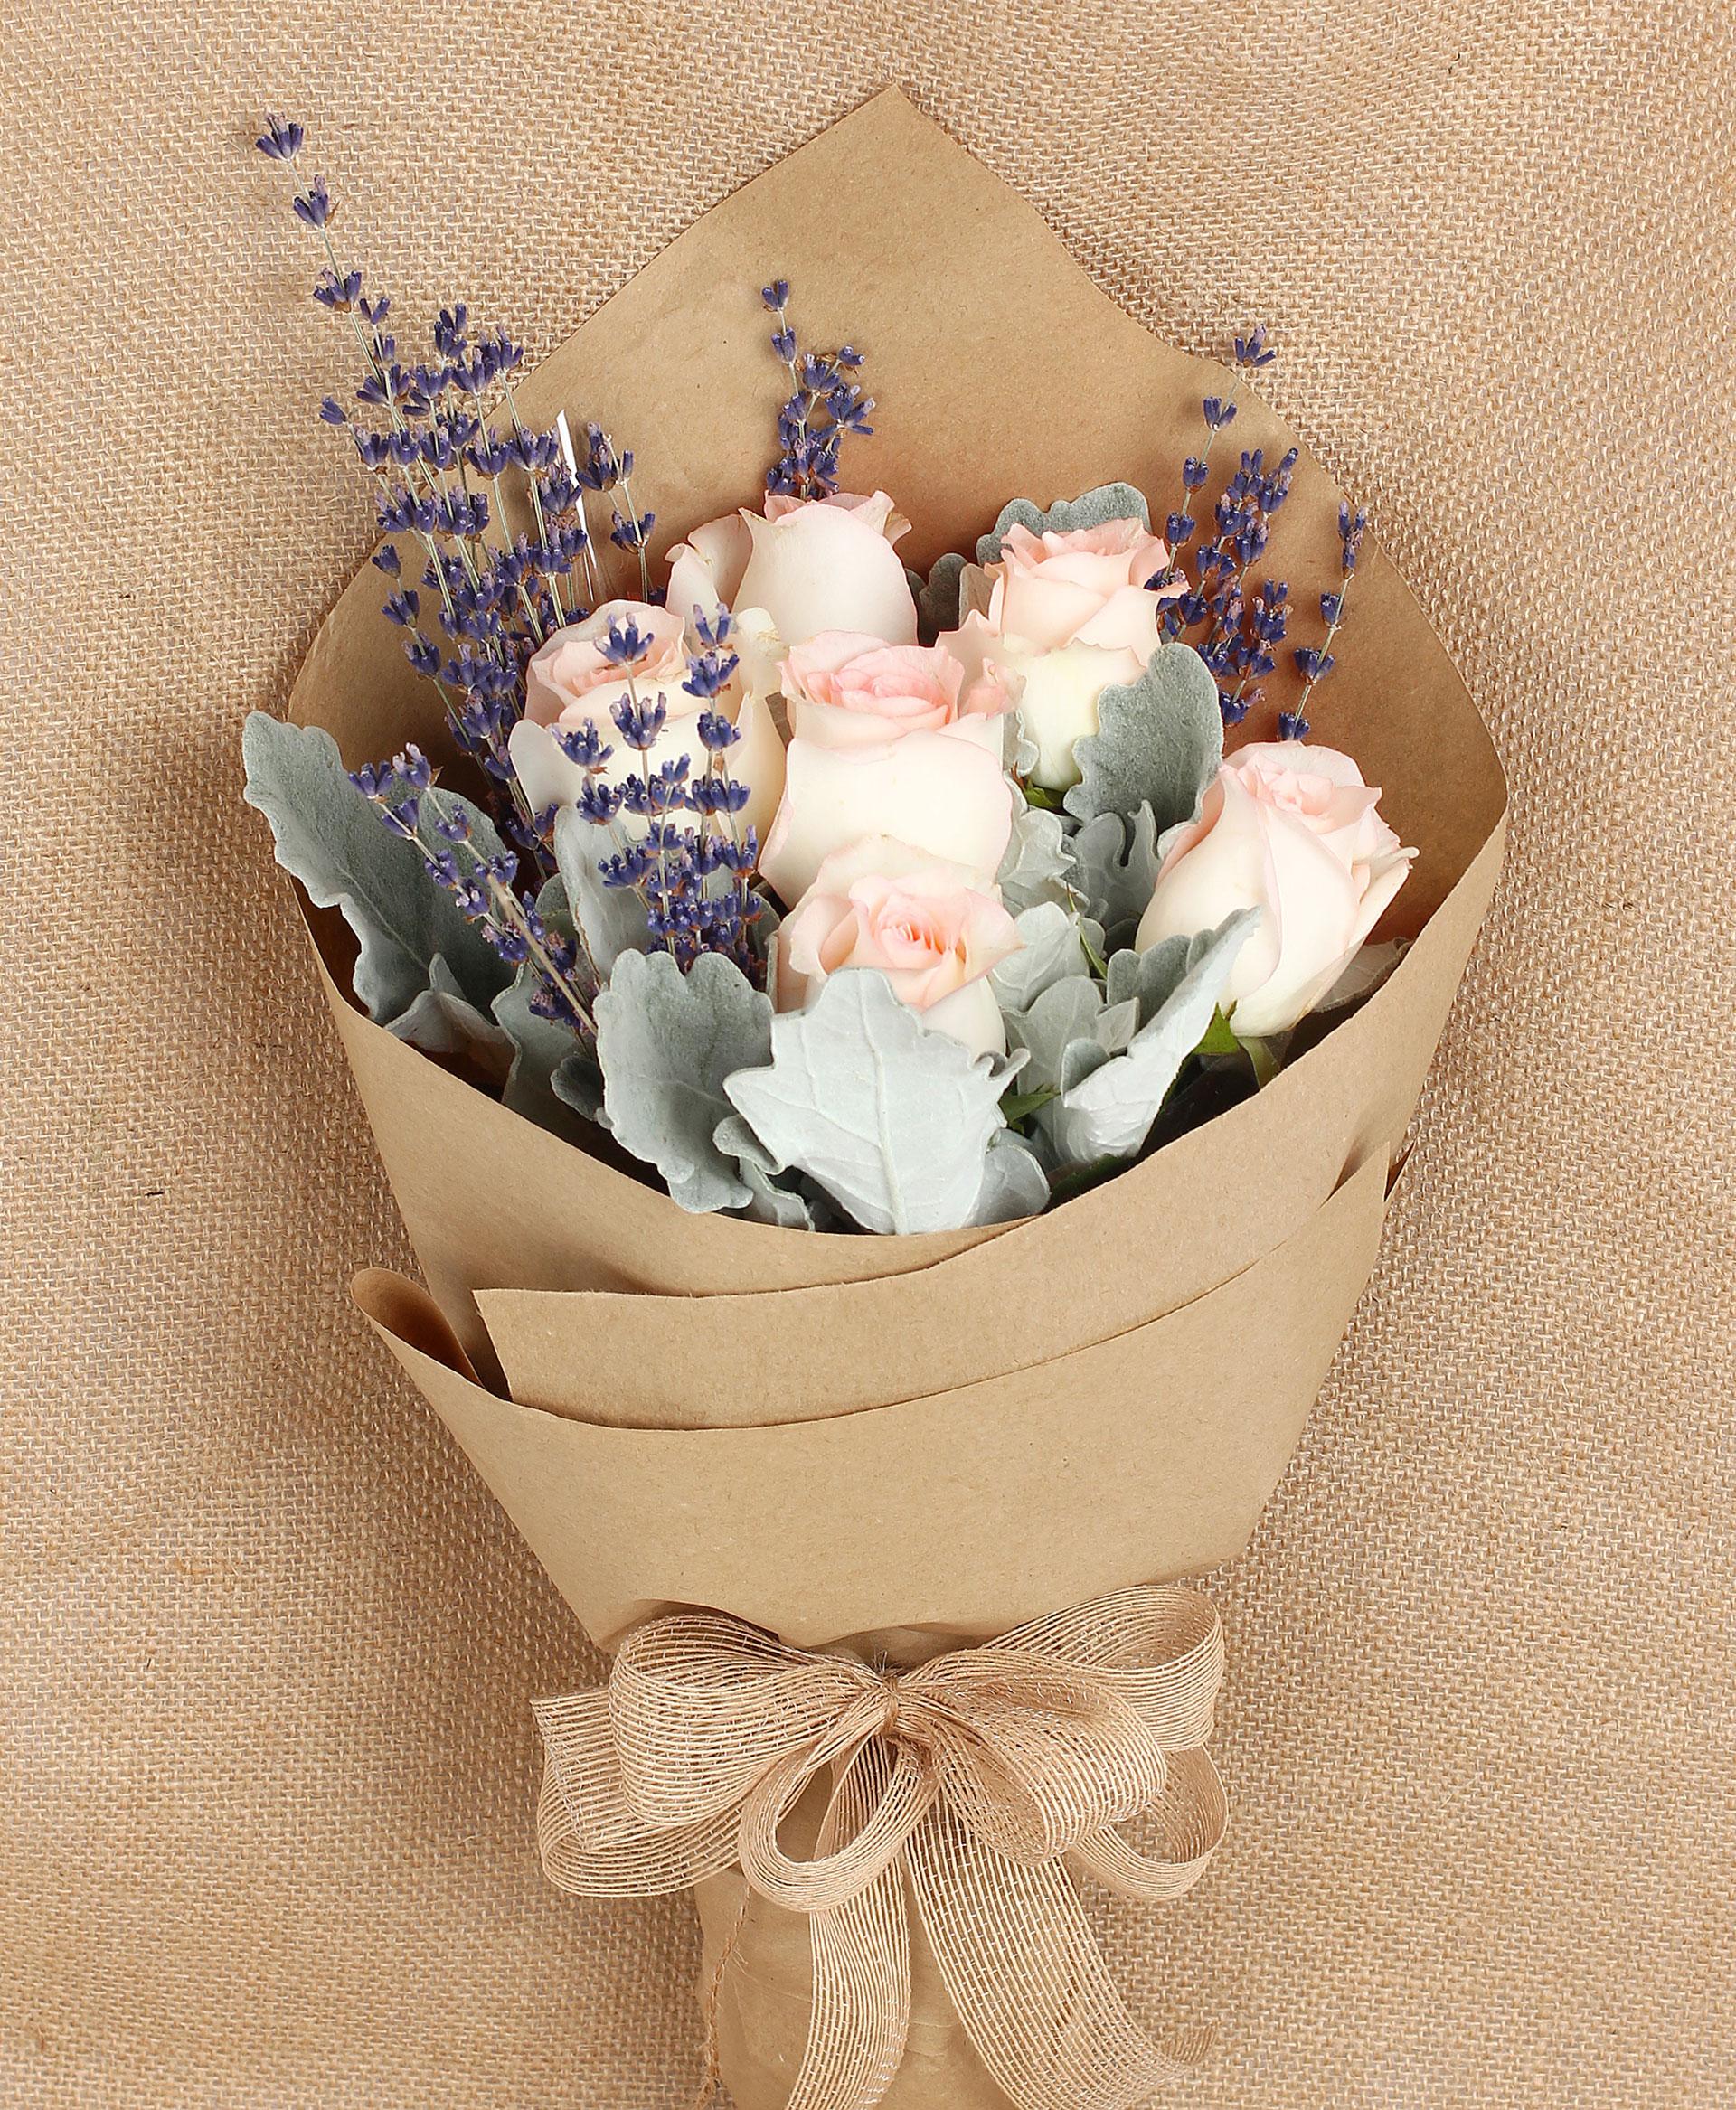 Buy Flowers Online Floral Garage Singapore Gen Zel She Sings